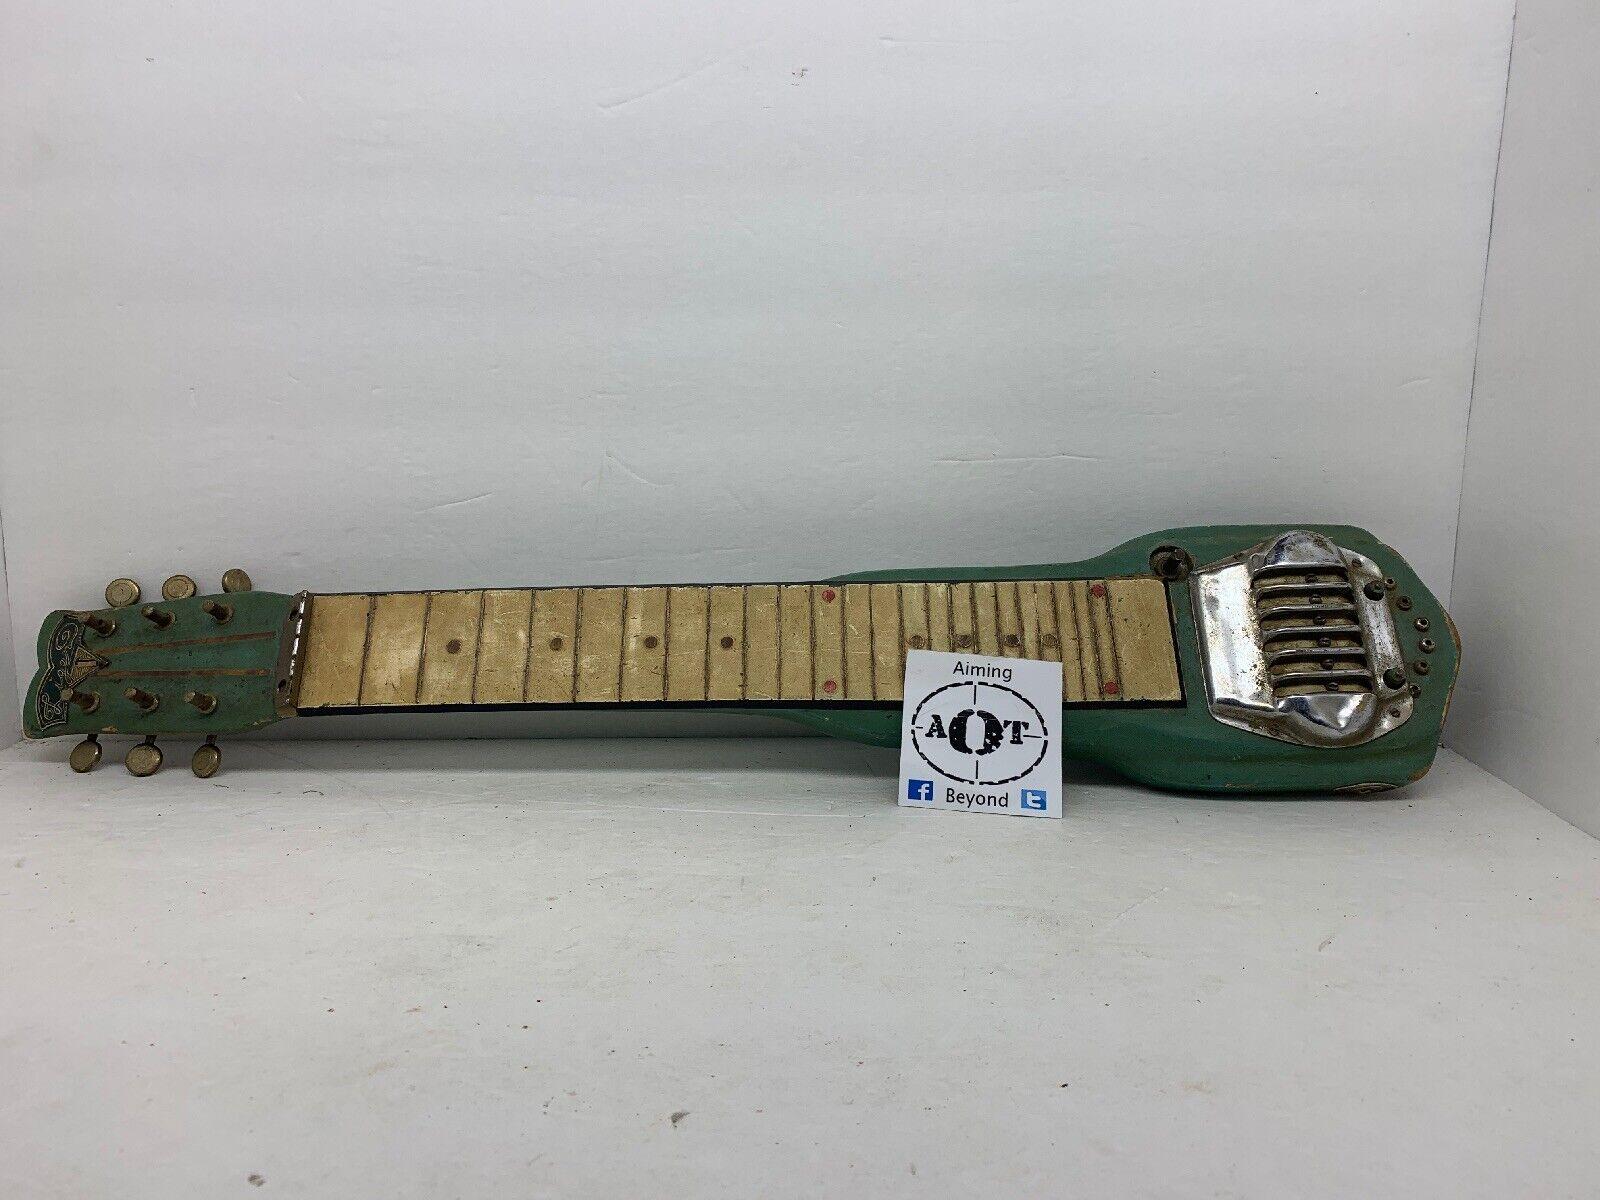 World War 2 ERA -1940s Liger Lap Guitar - Japanese Styled Electric Guitar